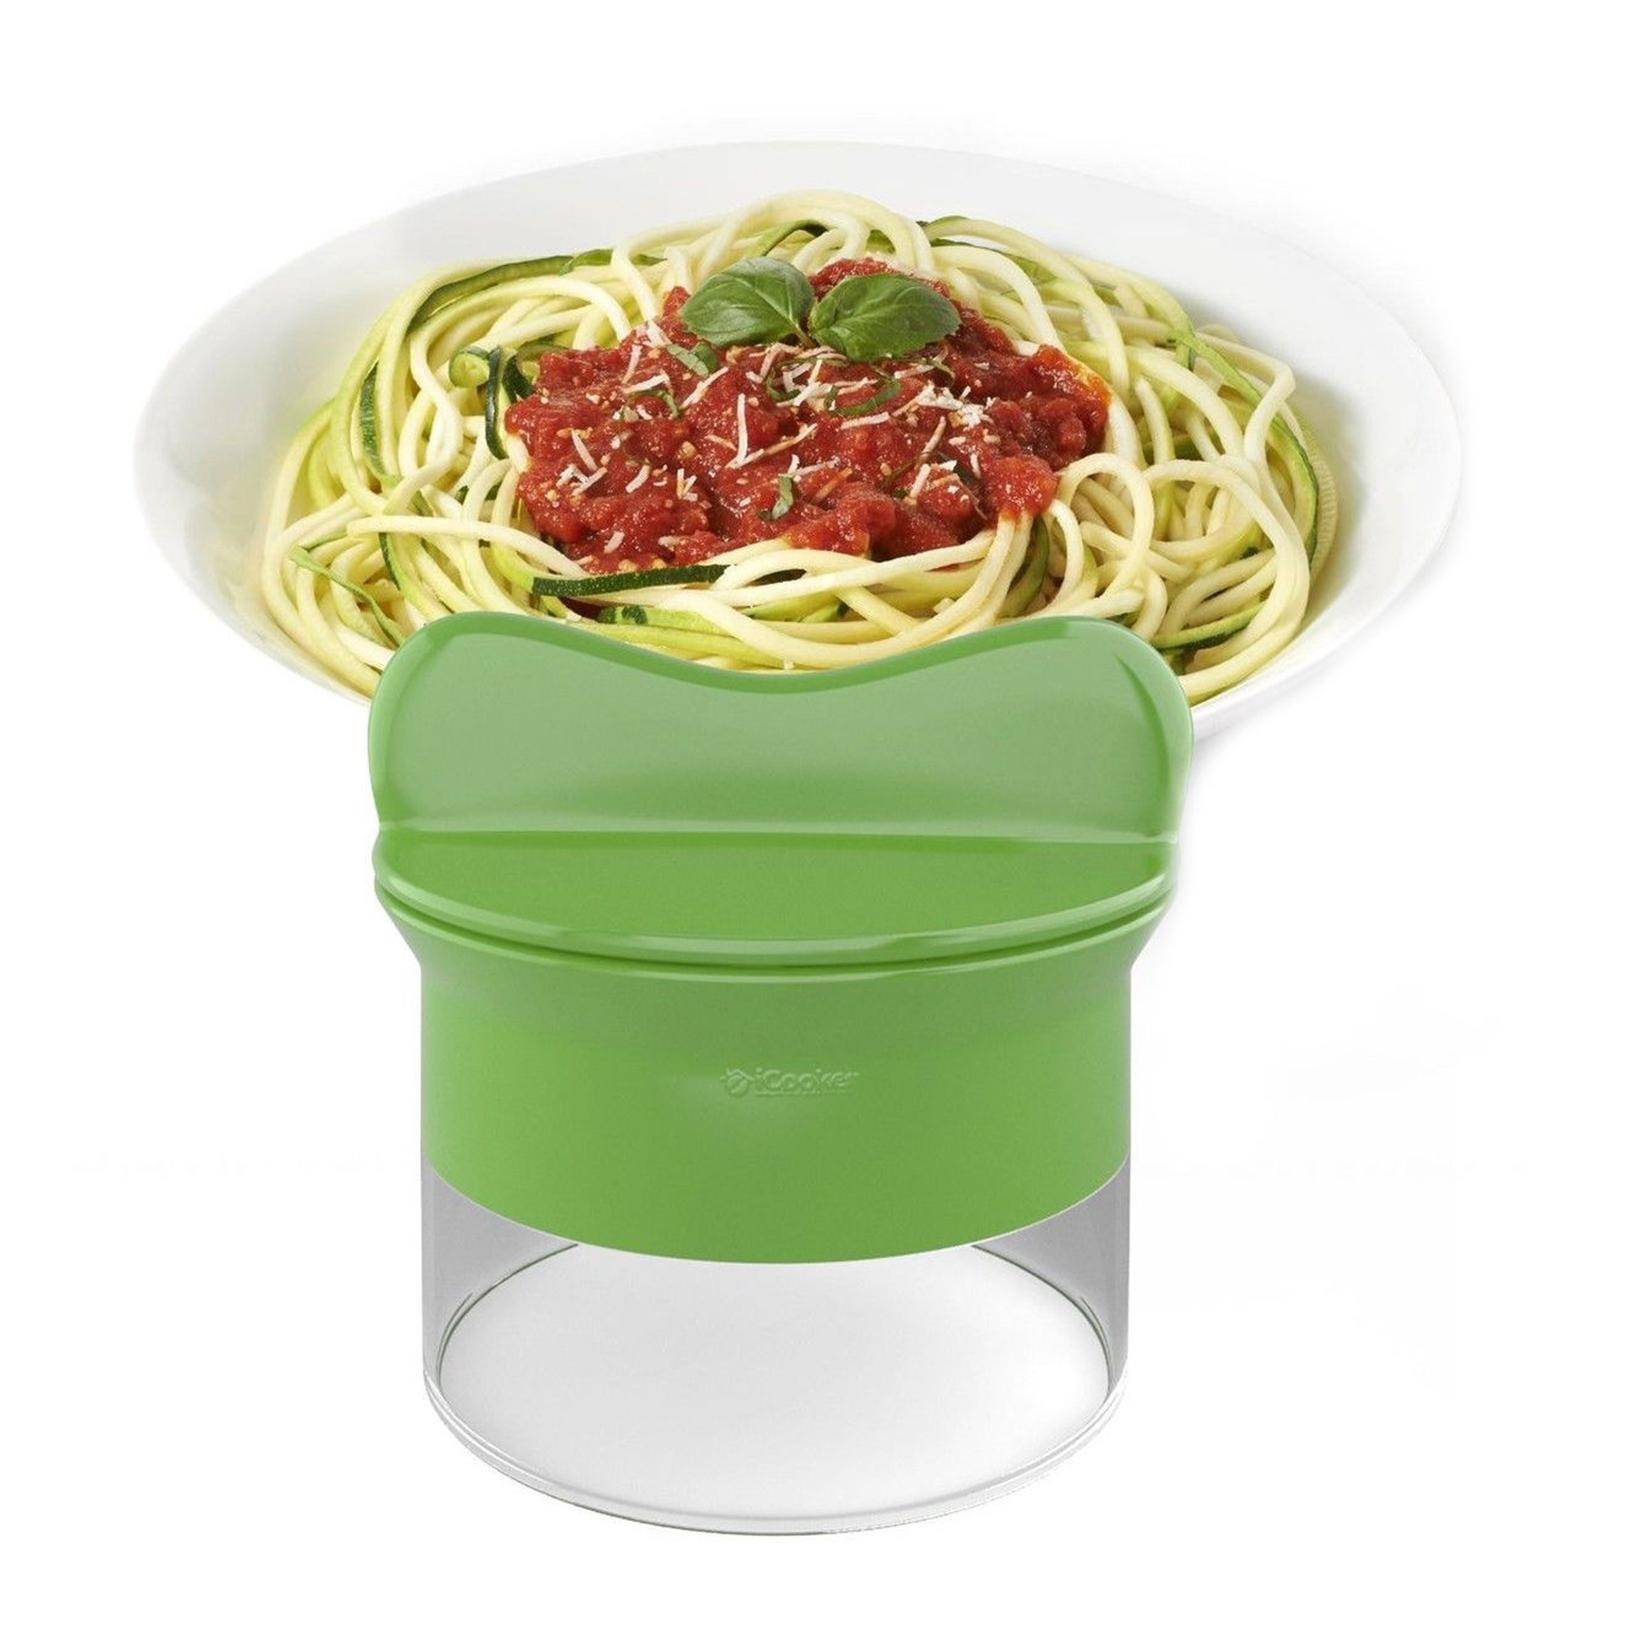 handheld spiralizer noodles zucchini spaghetti pasta maker vegetable slicer ebay. Black Bedroom Furniture Sets. Home Design Ideas